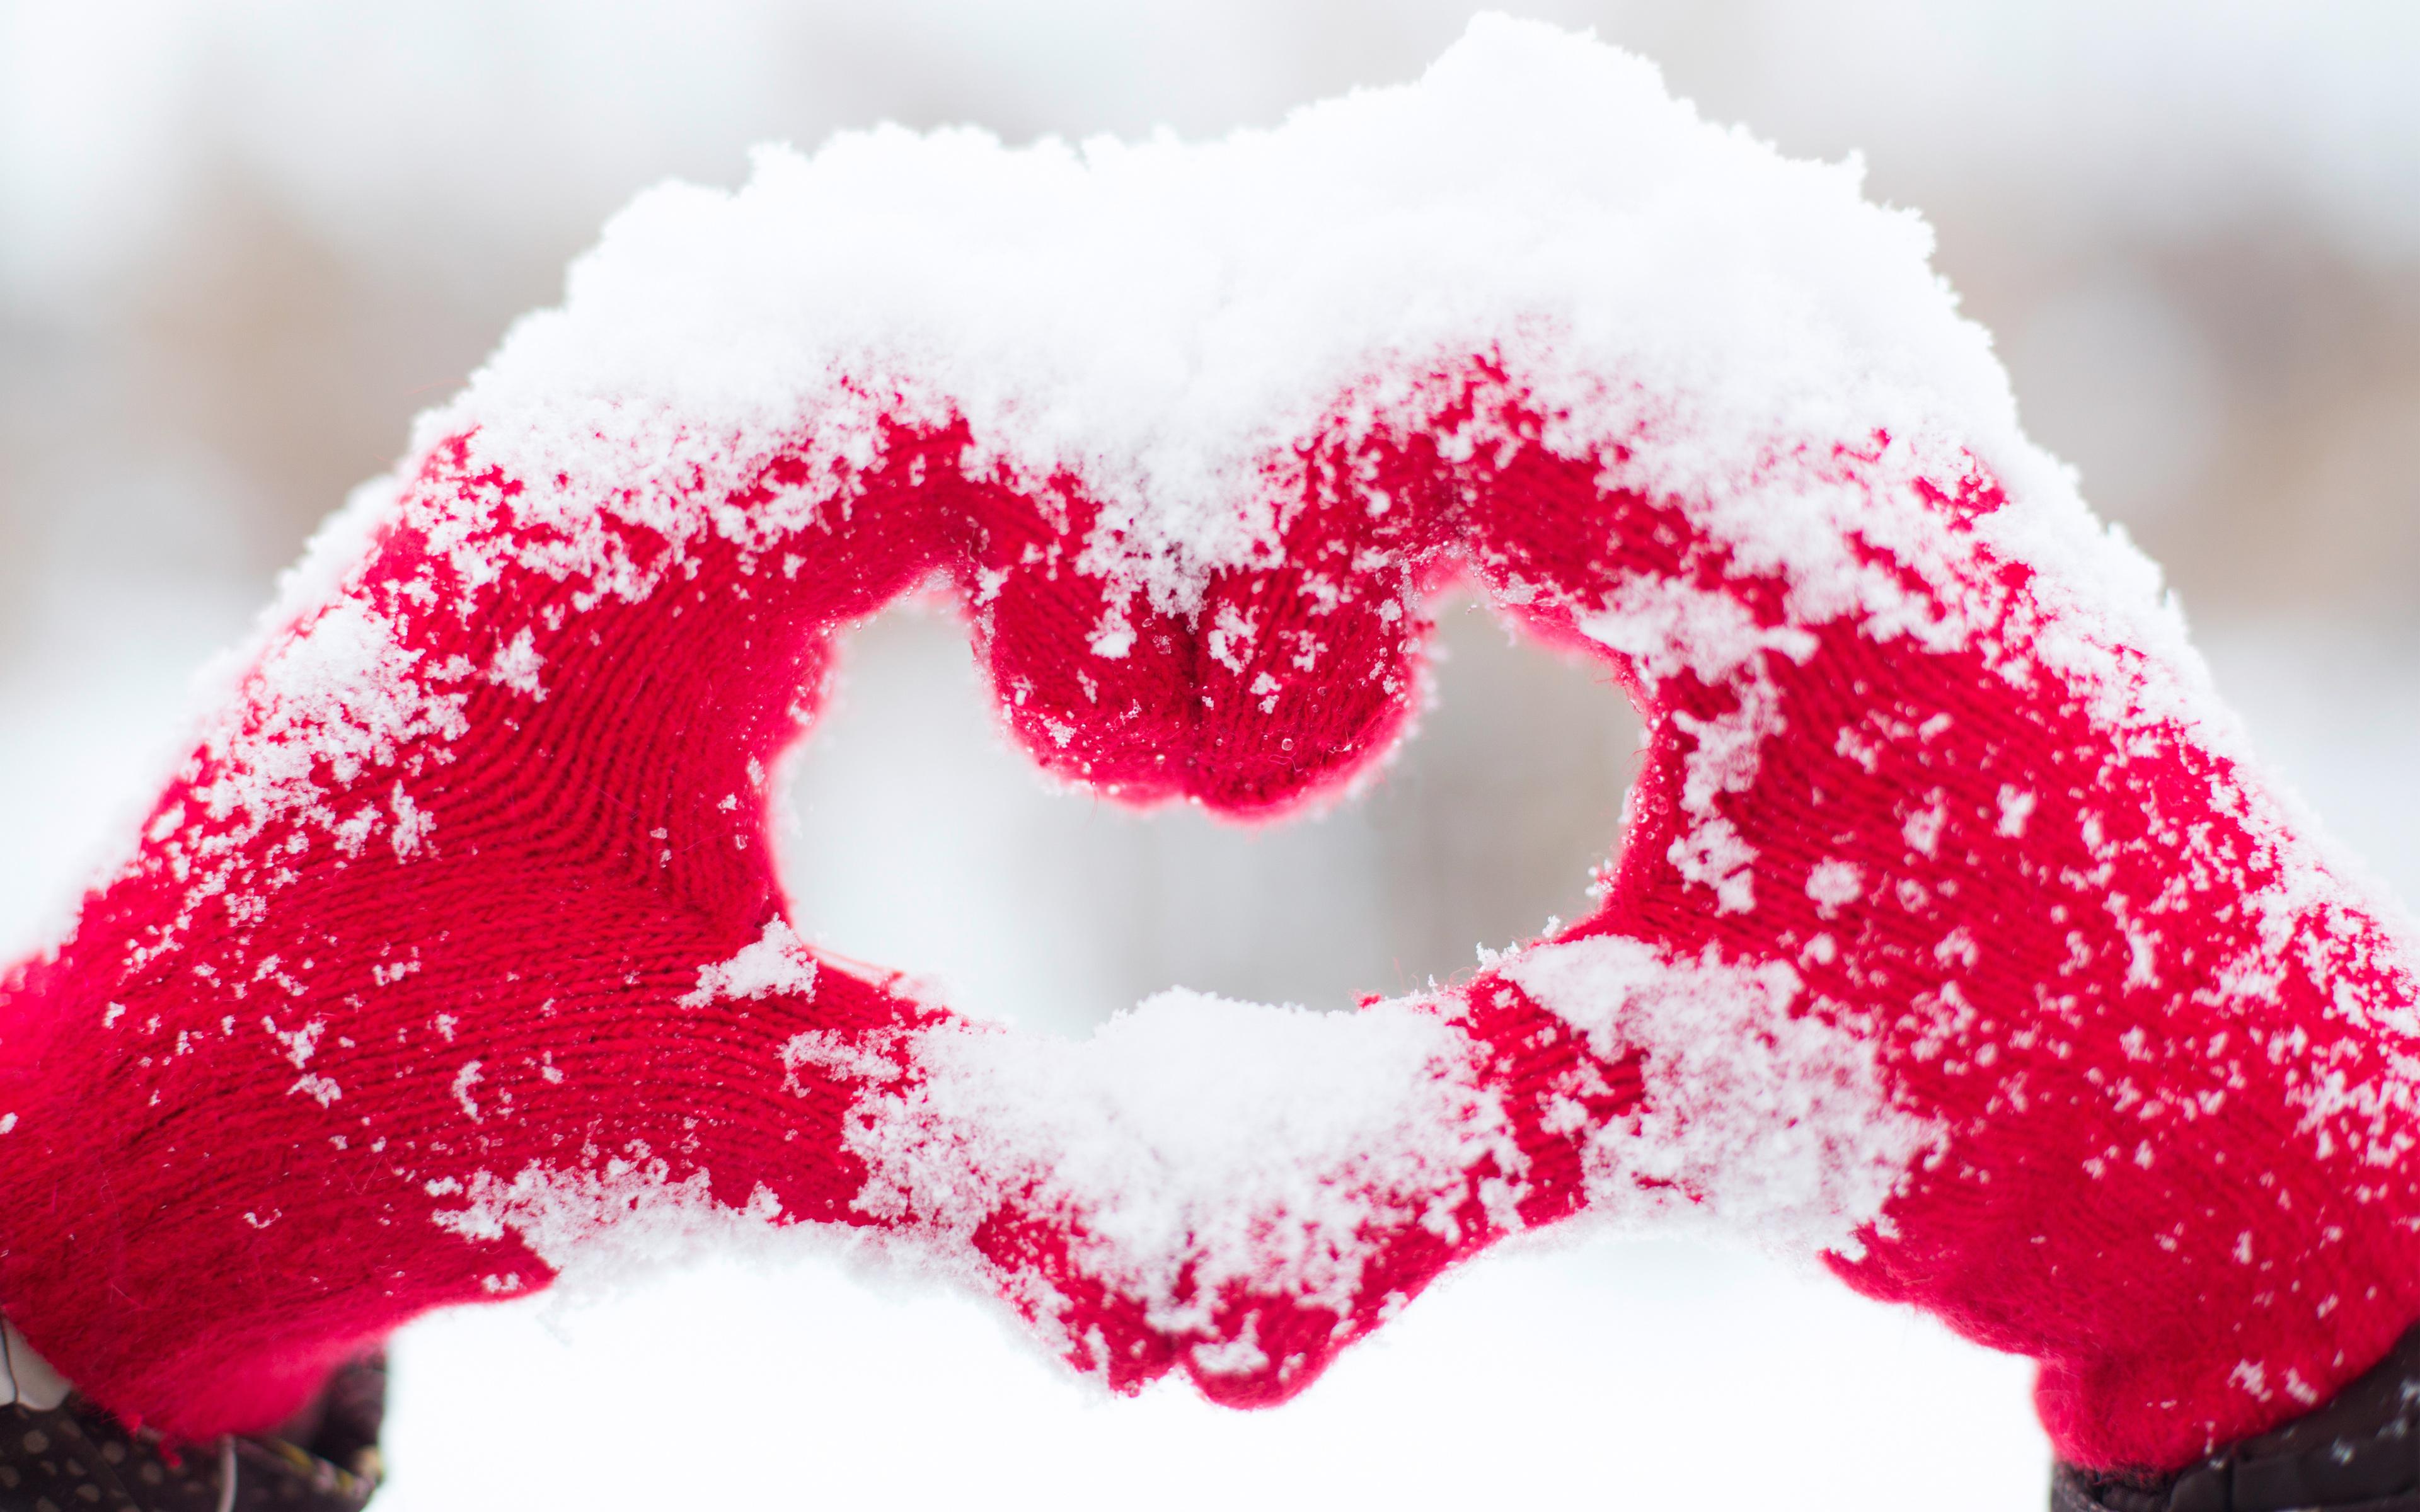 Love heart snow hands. обои скачать